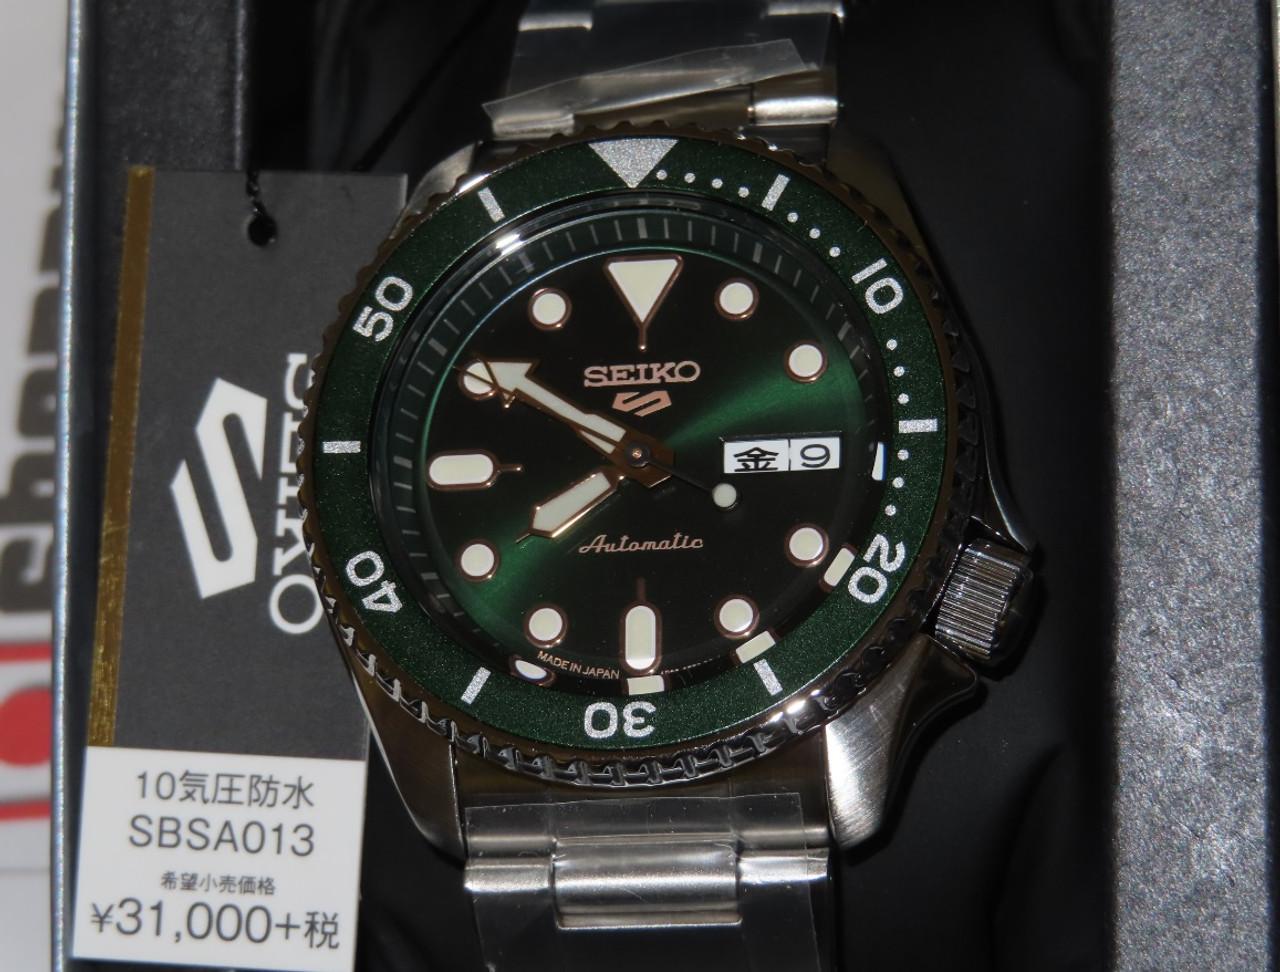 SRPD63 / SBSA013